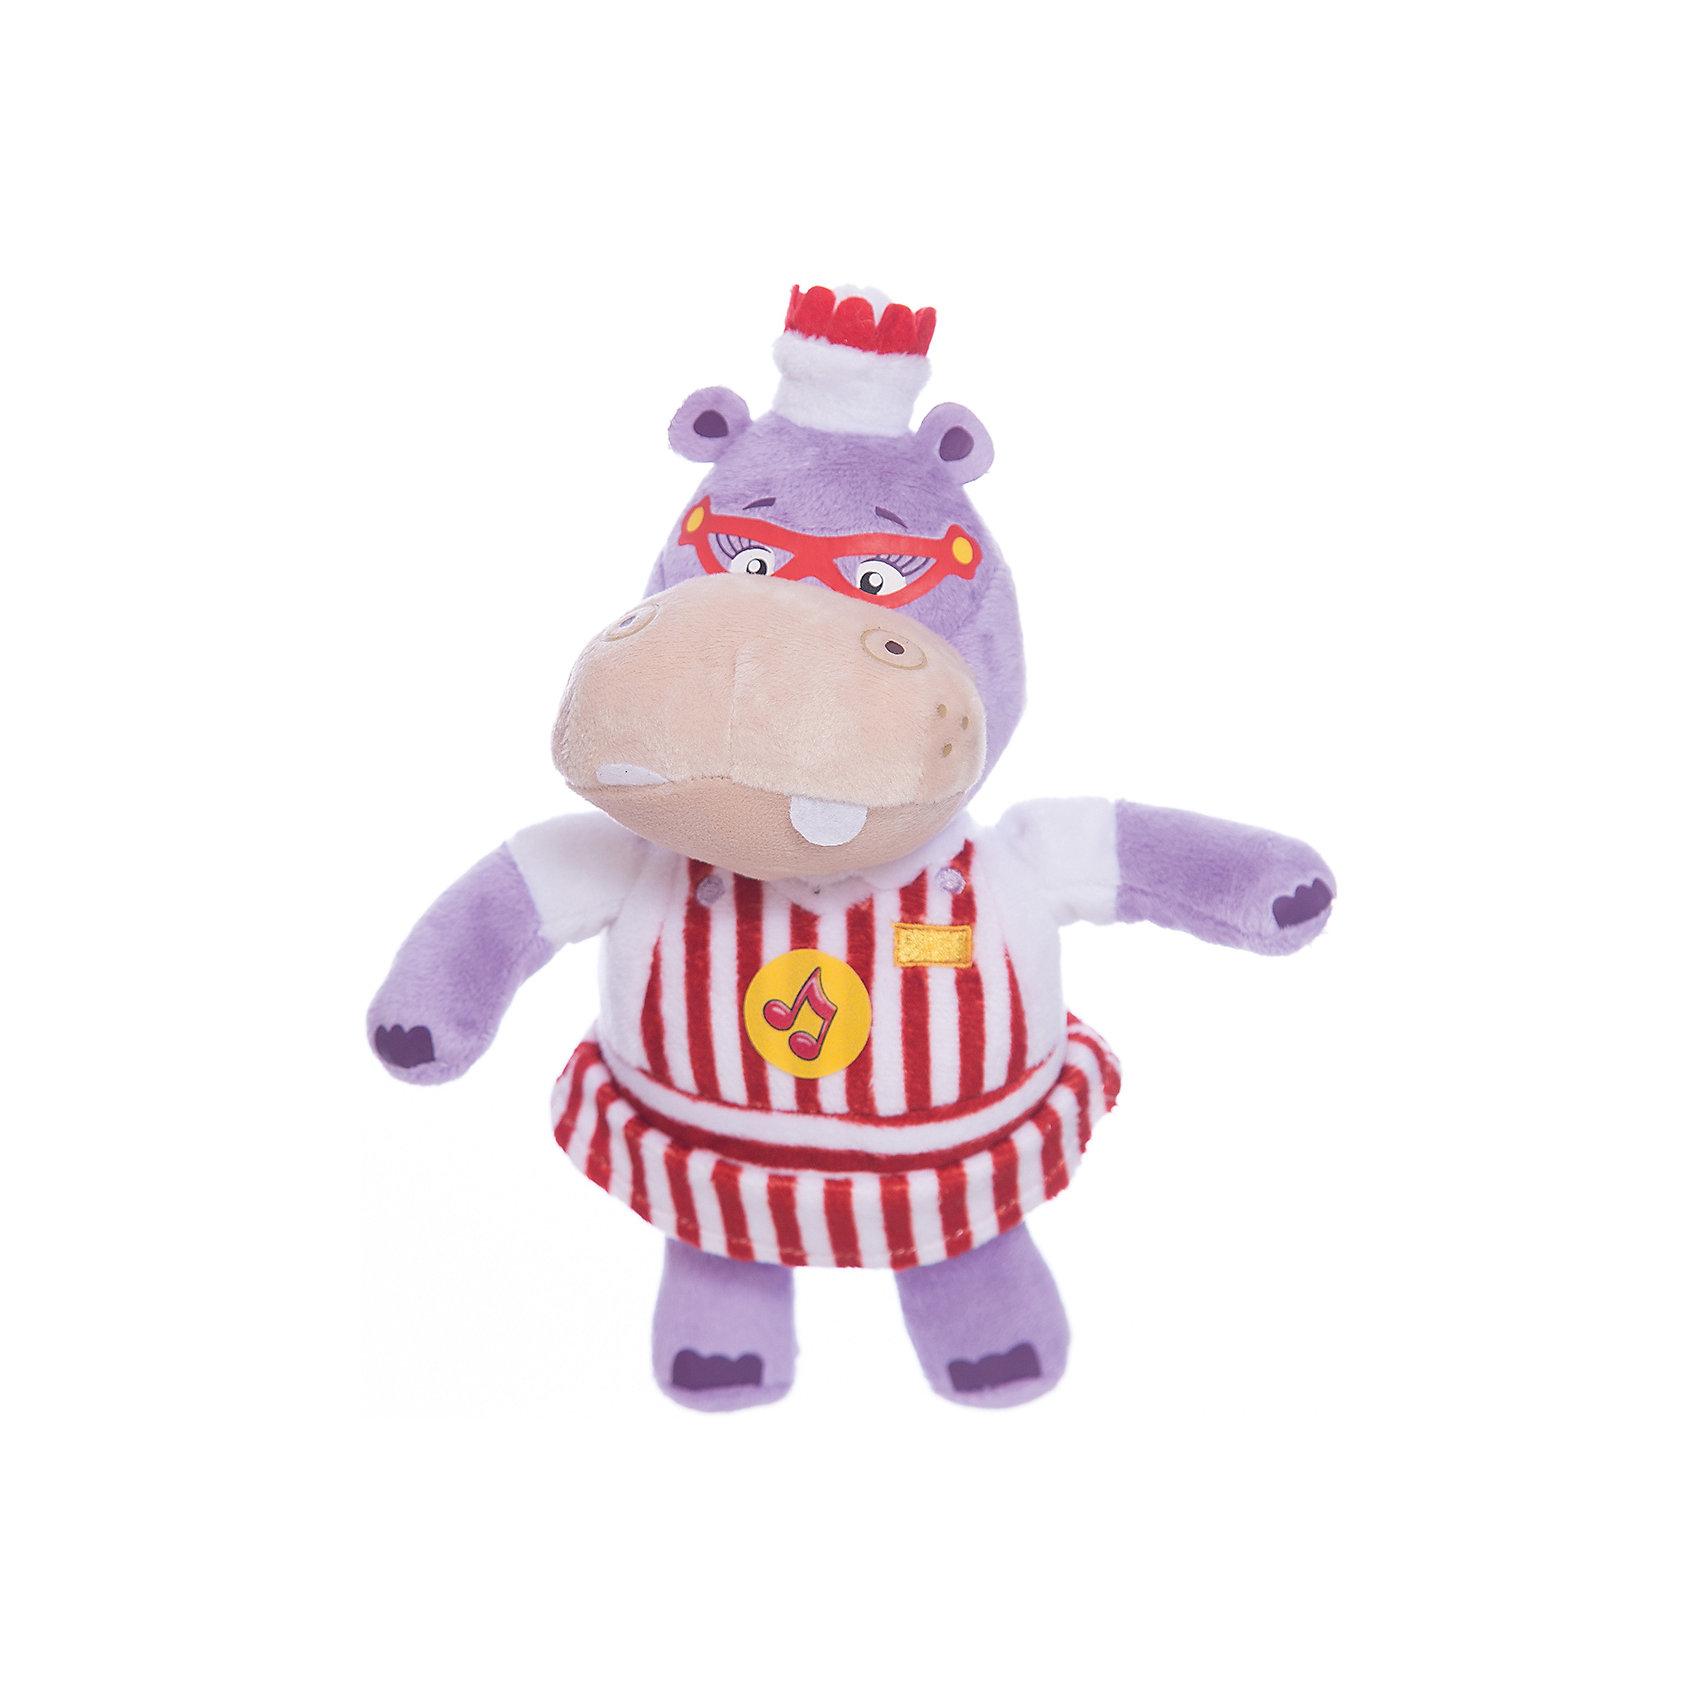 Мягкая игрушка Хейли,со звуком, 18 см, МУЛЬТИ-ПУЛЬТИМягкие игрушки животные<br>Мягкая игрушка Хейли,со звуком, 18 см, Мульти-Пульти.<br><br>Характеристика:<br><br>• Материал: текстиль, плюш, пластик.    <br>• Высота игрушки: 18 см.<br>• Звуковые эффекты. <br>• Мягкая, приятная на ощупь.<br><br>Дети обожают мягкие игрушки, ведь с ними так приятно играть днем и уютно и спокойно засыпать ночью! Очаровательная Хейли, героиня мультсериала Доктор плюшева, обязательно понравится ребятам, ведь она такая мягкая и приятная на ощупь! В производстве игрушки использованы только экологичные гипоаллергенные материалы безопасные даже для малышей.<br><br>Мягкую игрушку Хейли,со звуком, 18 см, Мульти-Пульти, можно купить в нашем магазине.<br><br>Ширина мм: 100<br>Глубина мм: 230<br>Высота мм: 190<br>Вес г: 100<br>Возраст от месяцев: 12<br>Возраст до месяцев: 60<br>Пол: Унисекс<br>Возраст: Детский<br>SKU: 4950415